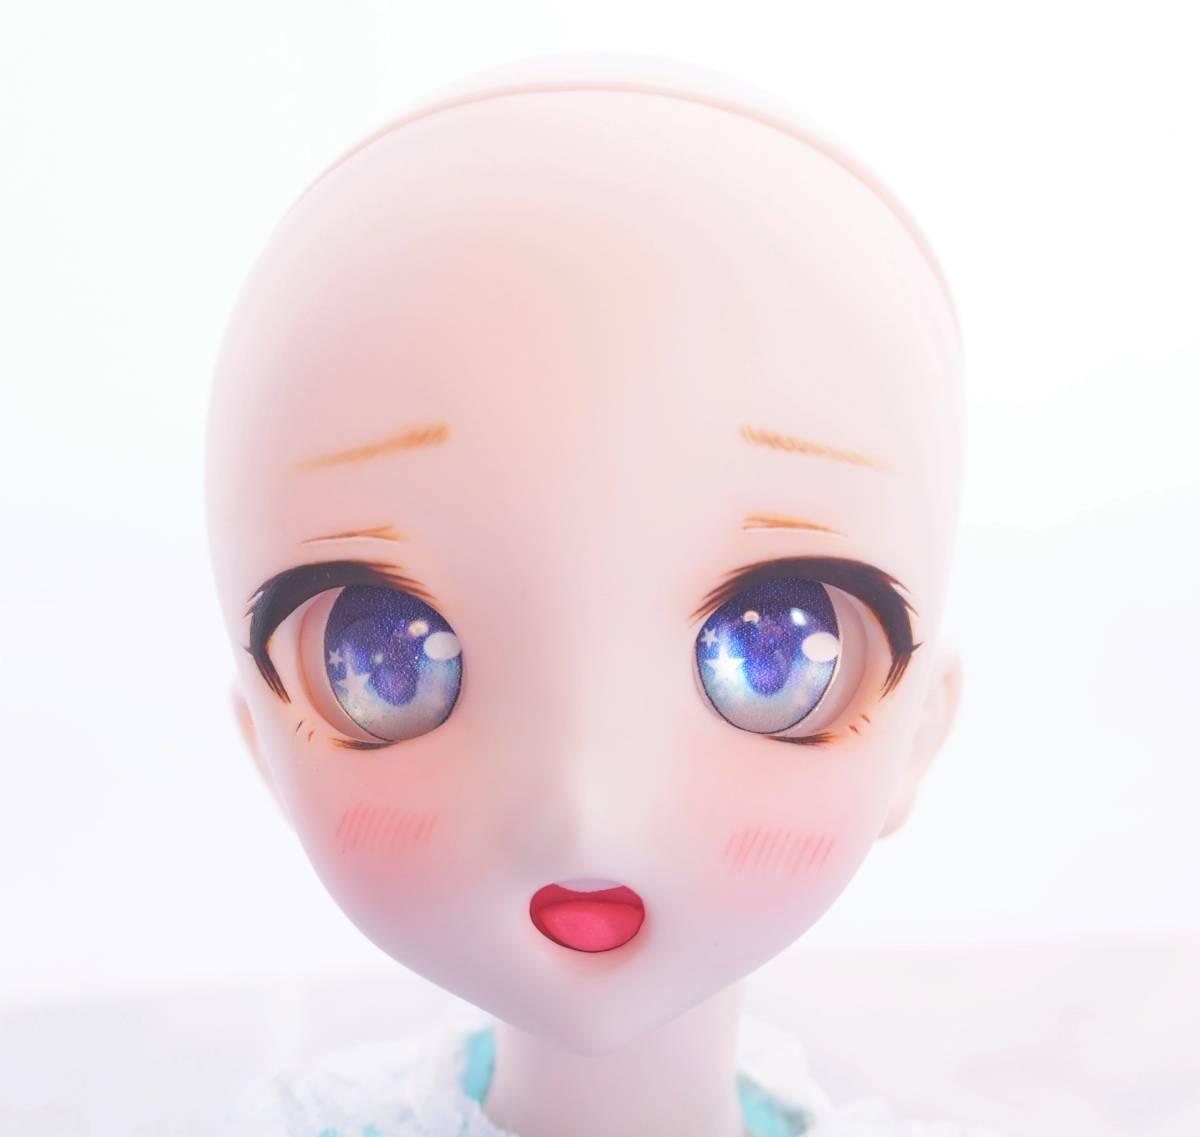 【Miel☆Magical】DDH-10 セミホワイト肌 カスタムヘッド+アイ_画像8